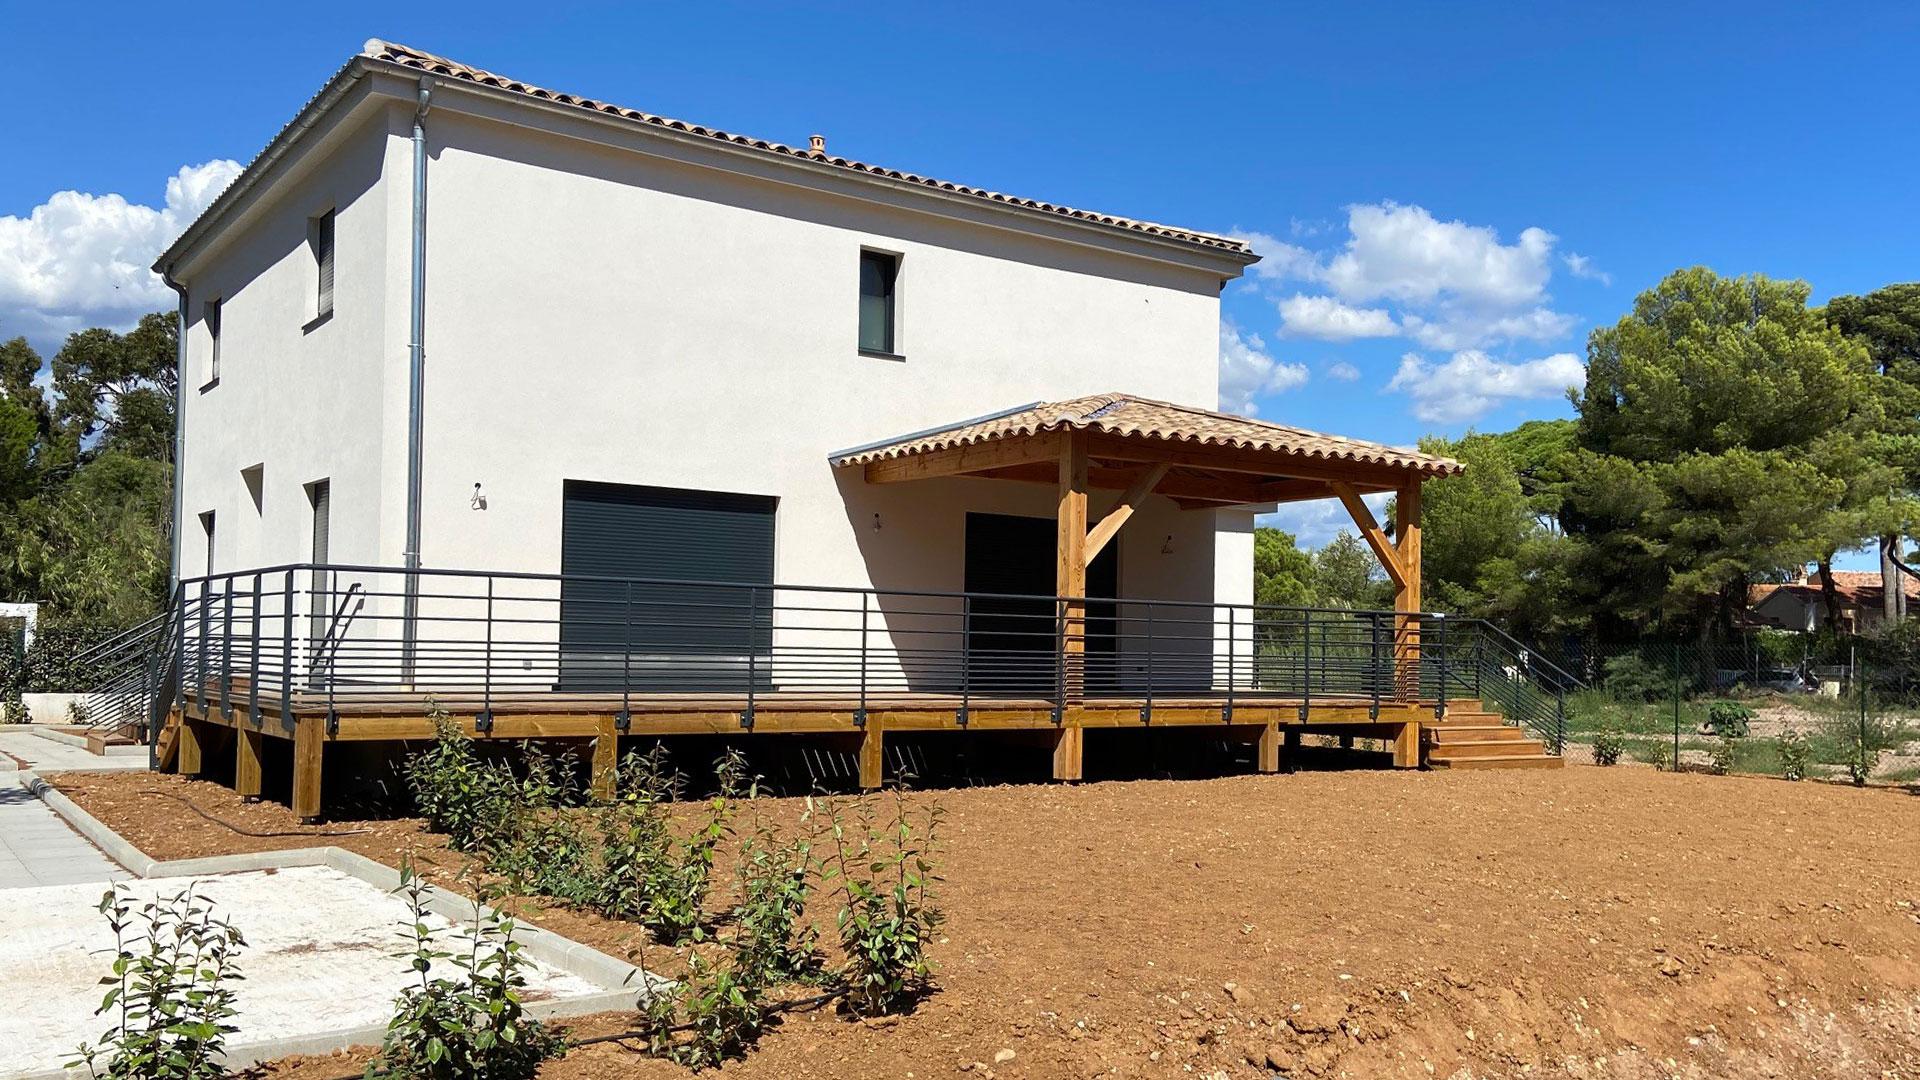 maison-a-vendre-Hyeres-83400